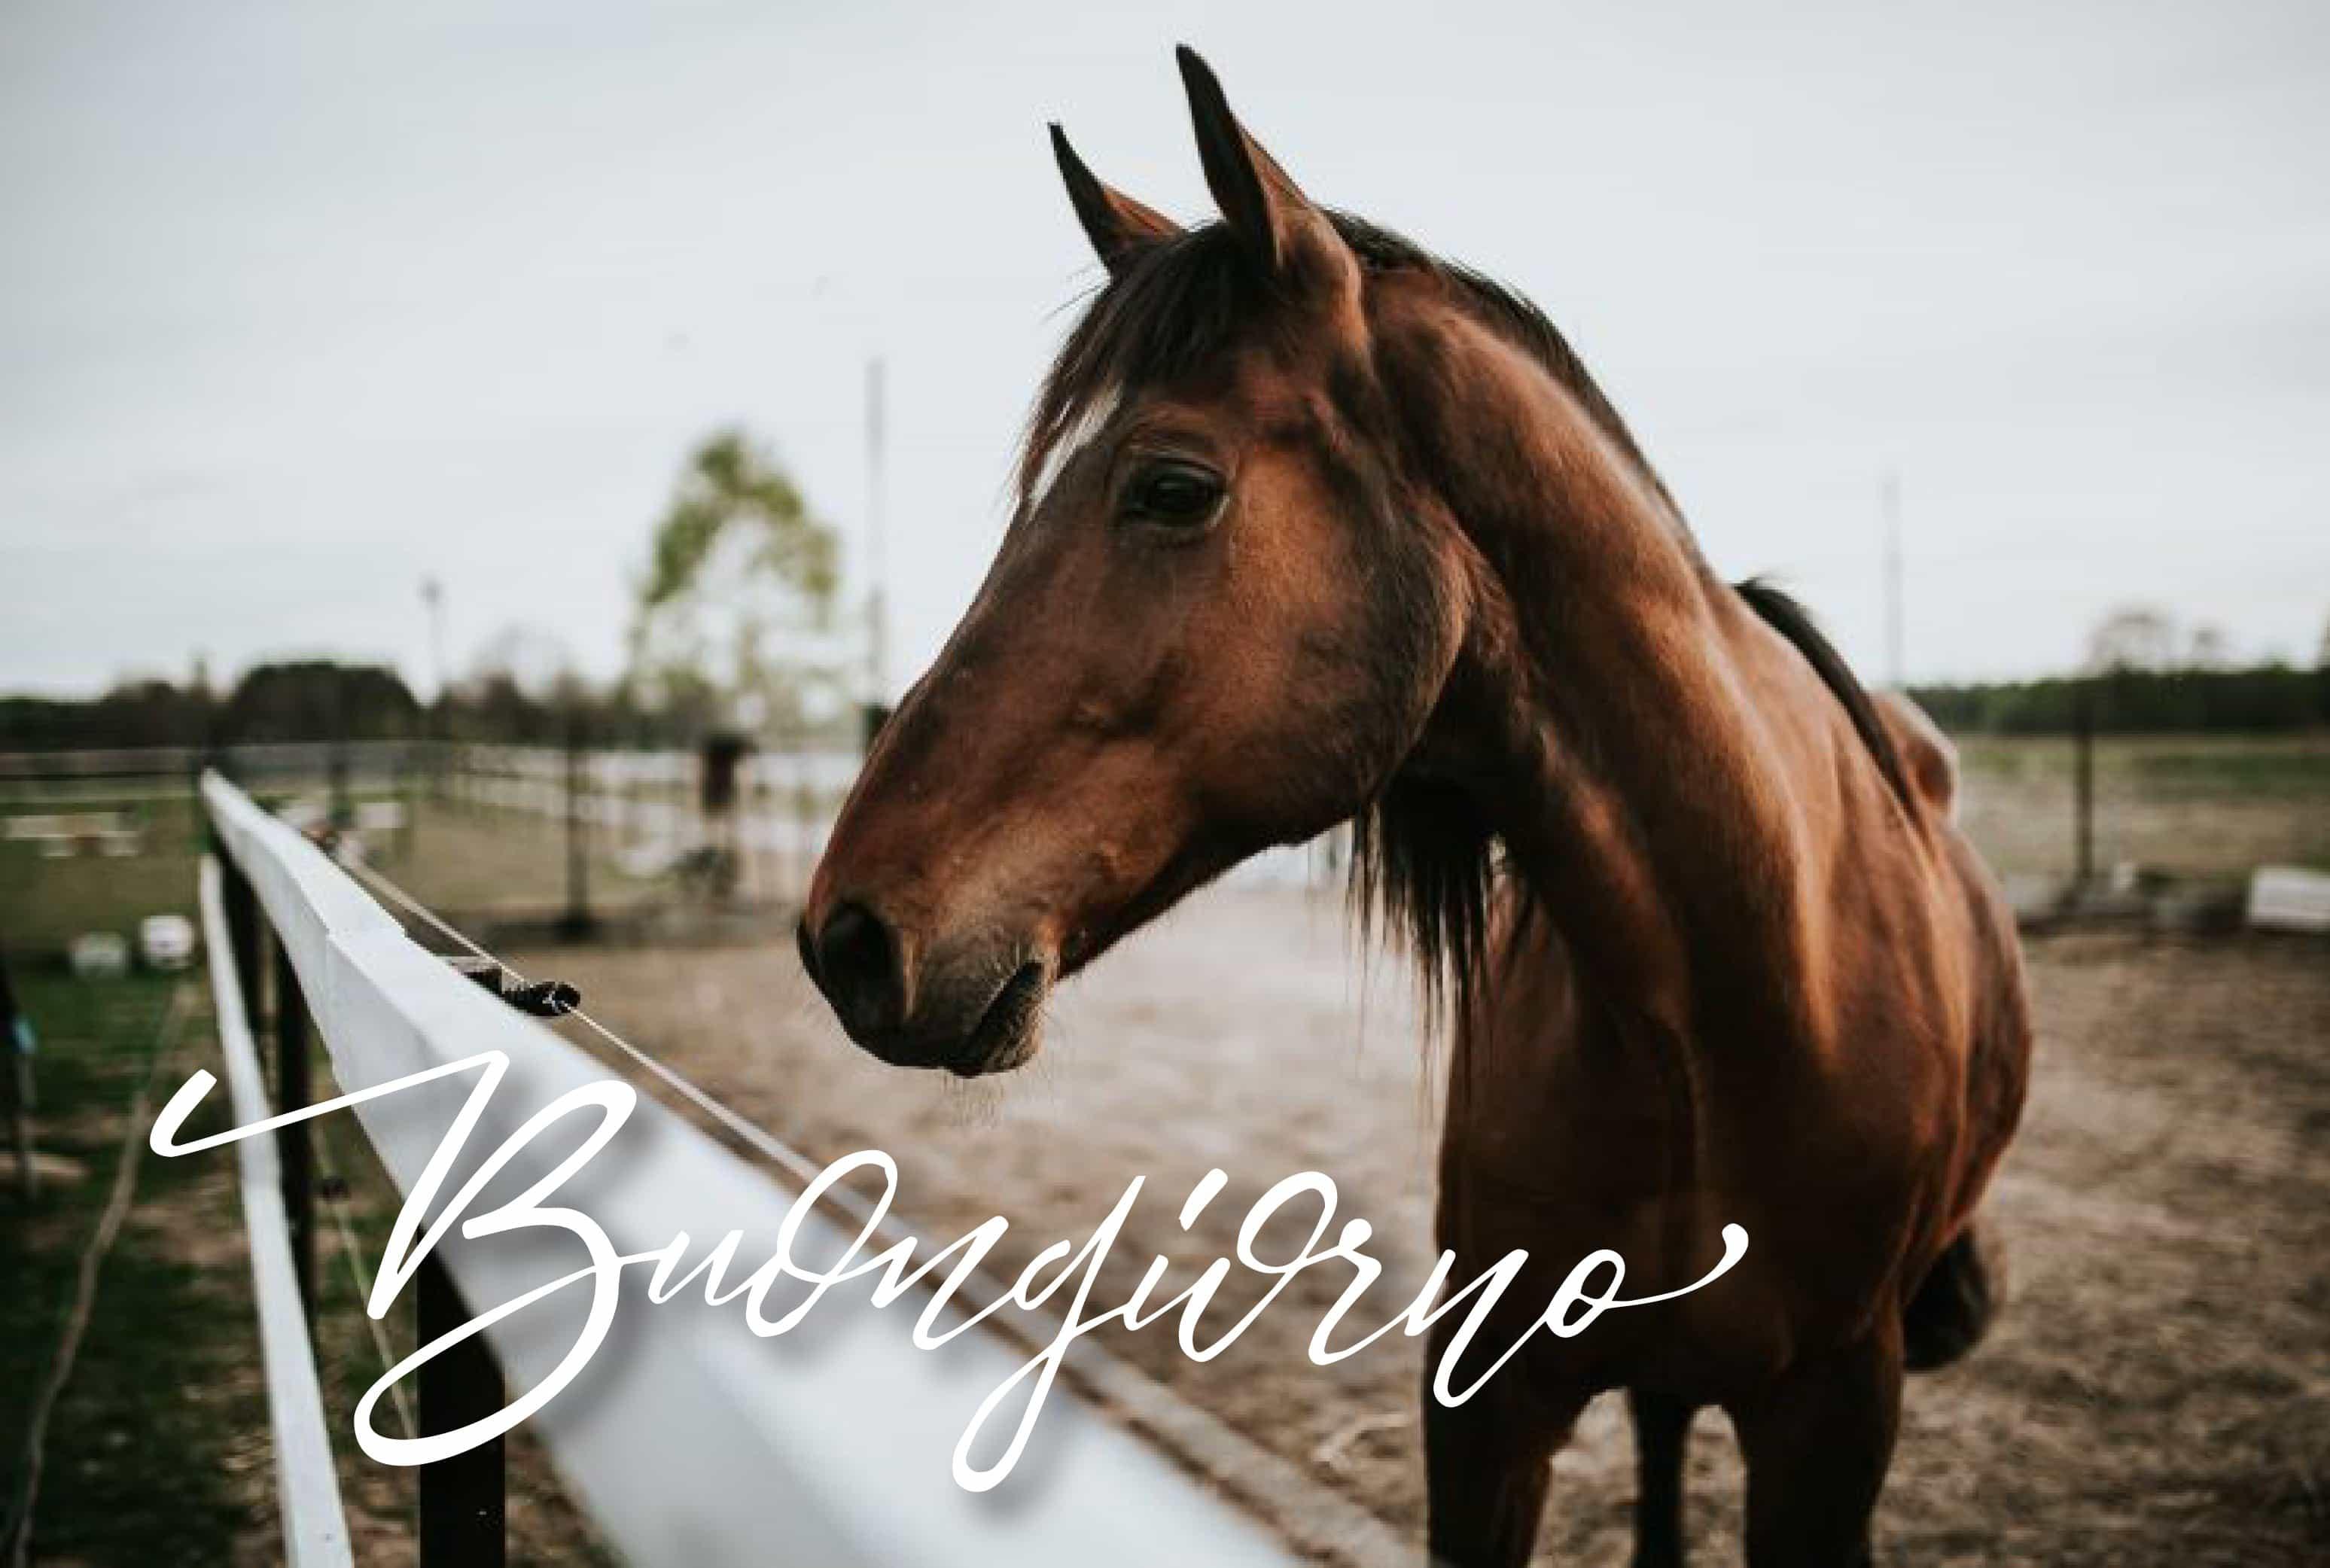 Buongiorno con cavallo gratis